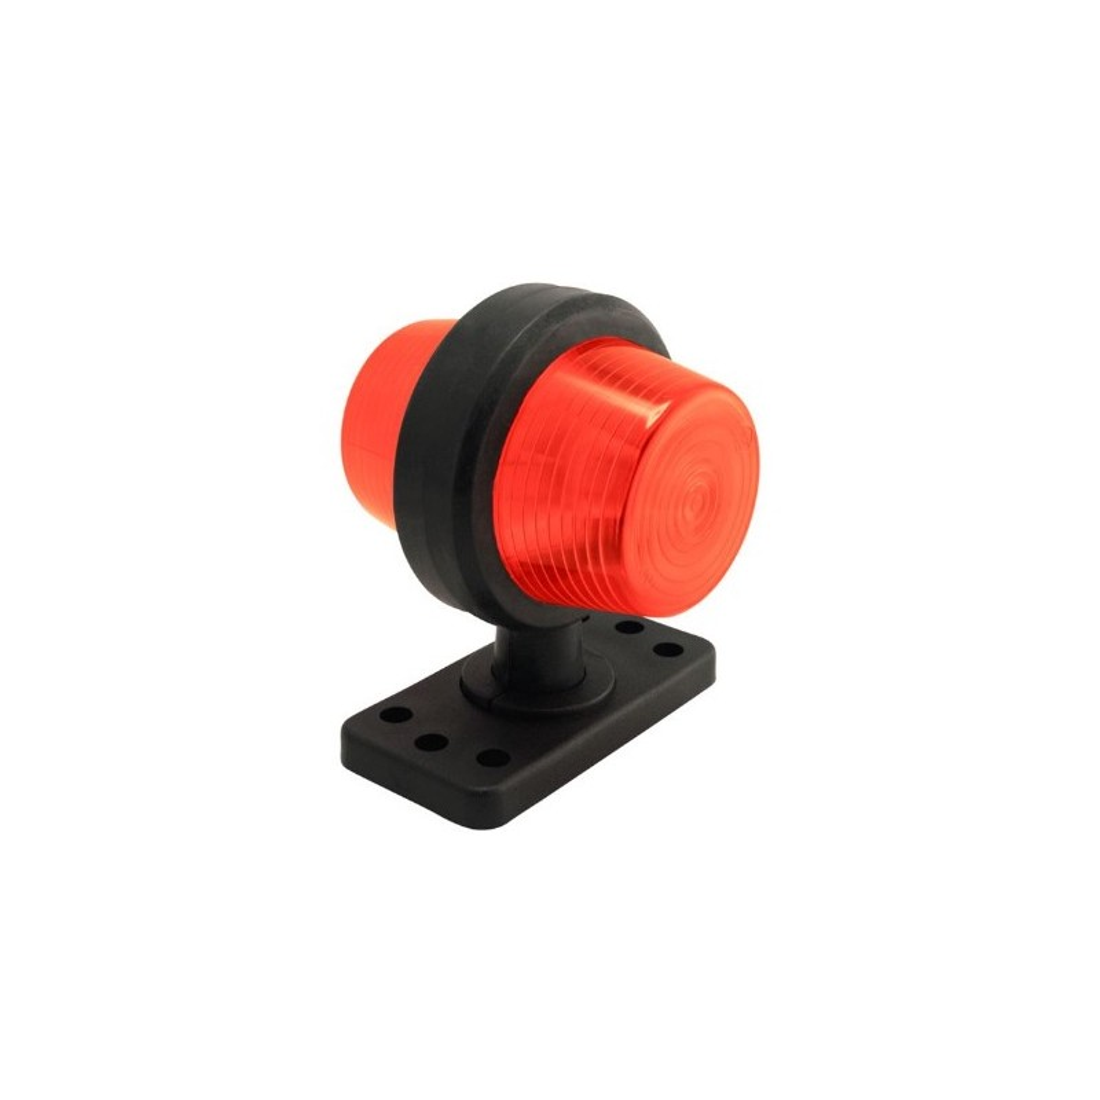 Poziční světlo GYLLE 110 oranzove